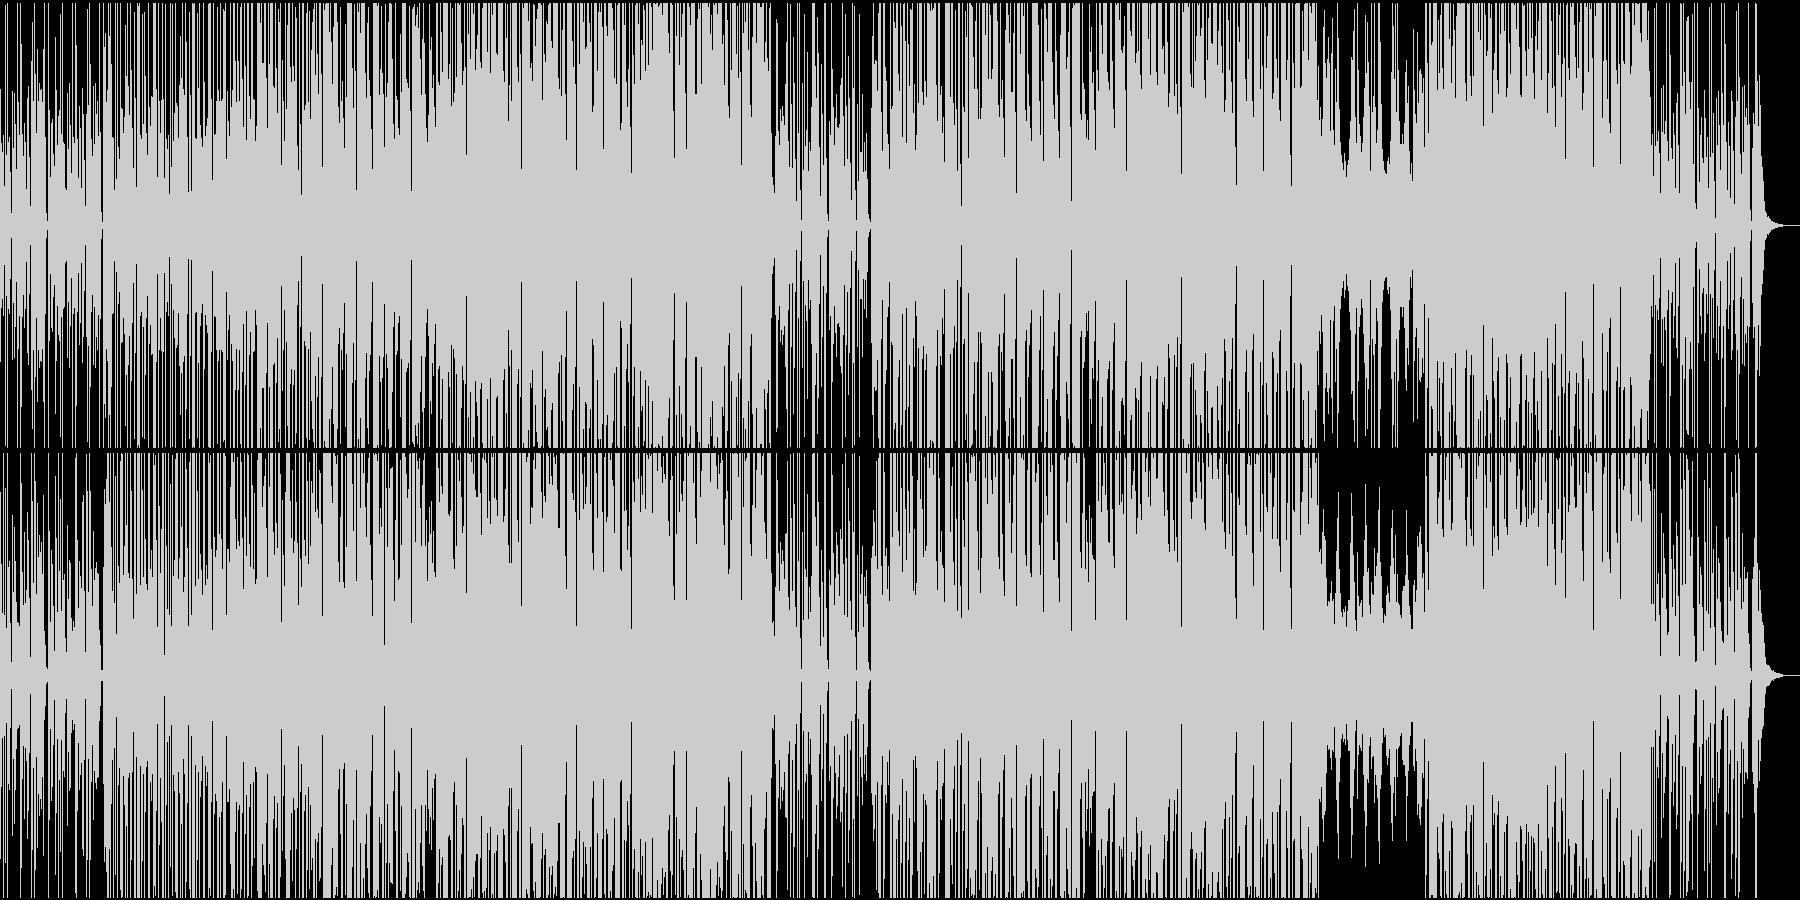 ドライブしながらリズミカルなピアノビートの未再生の波形